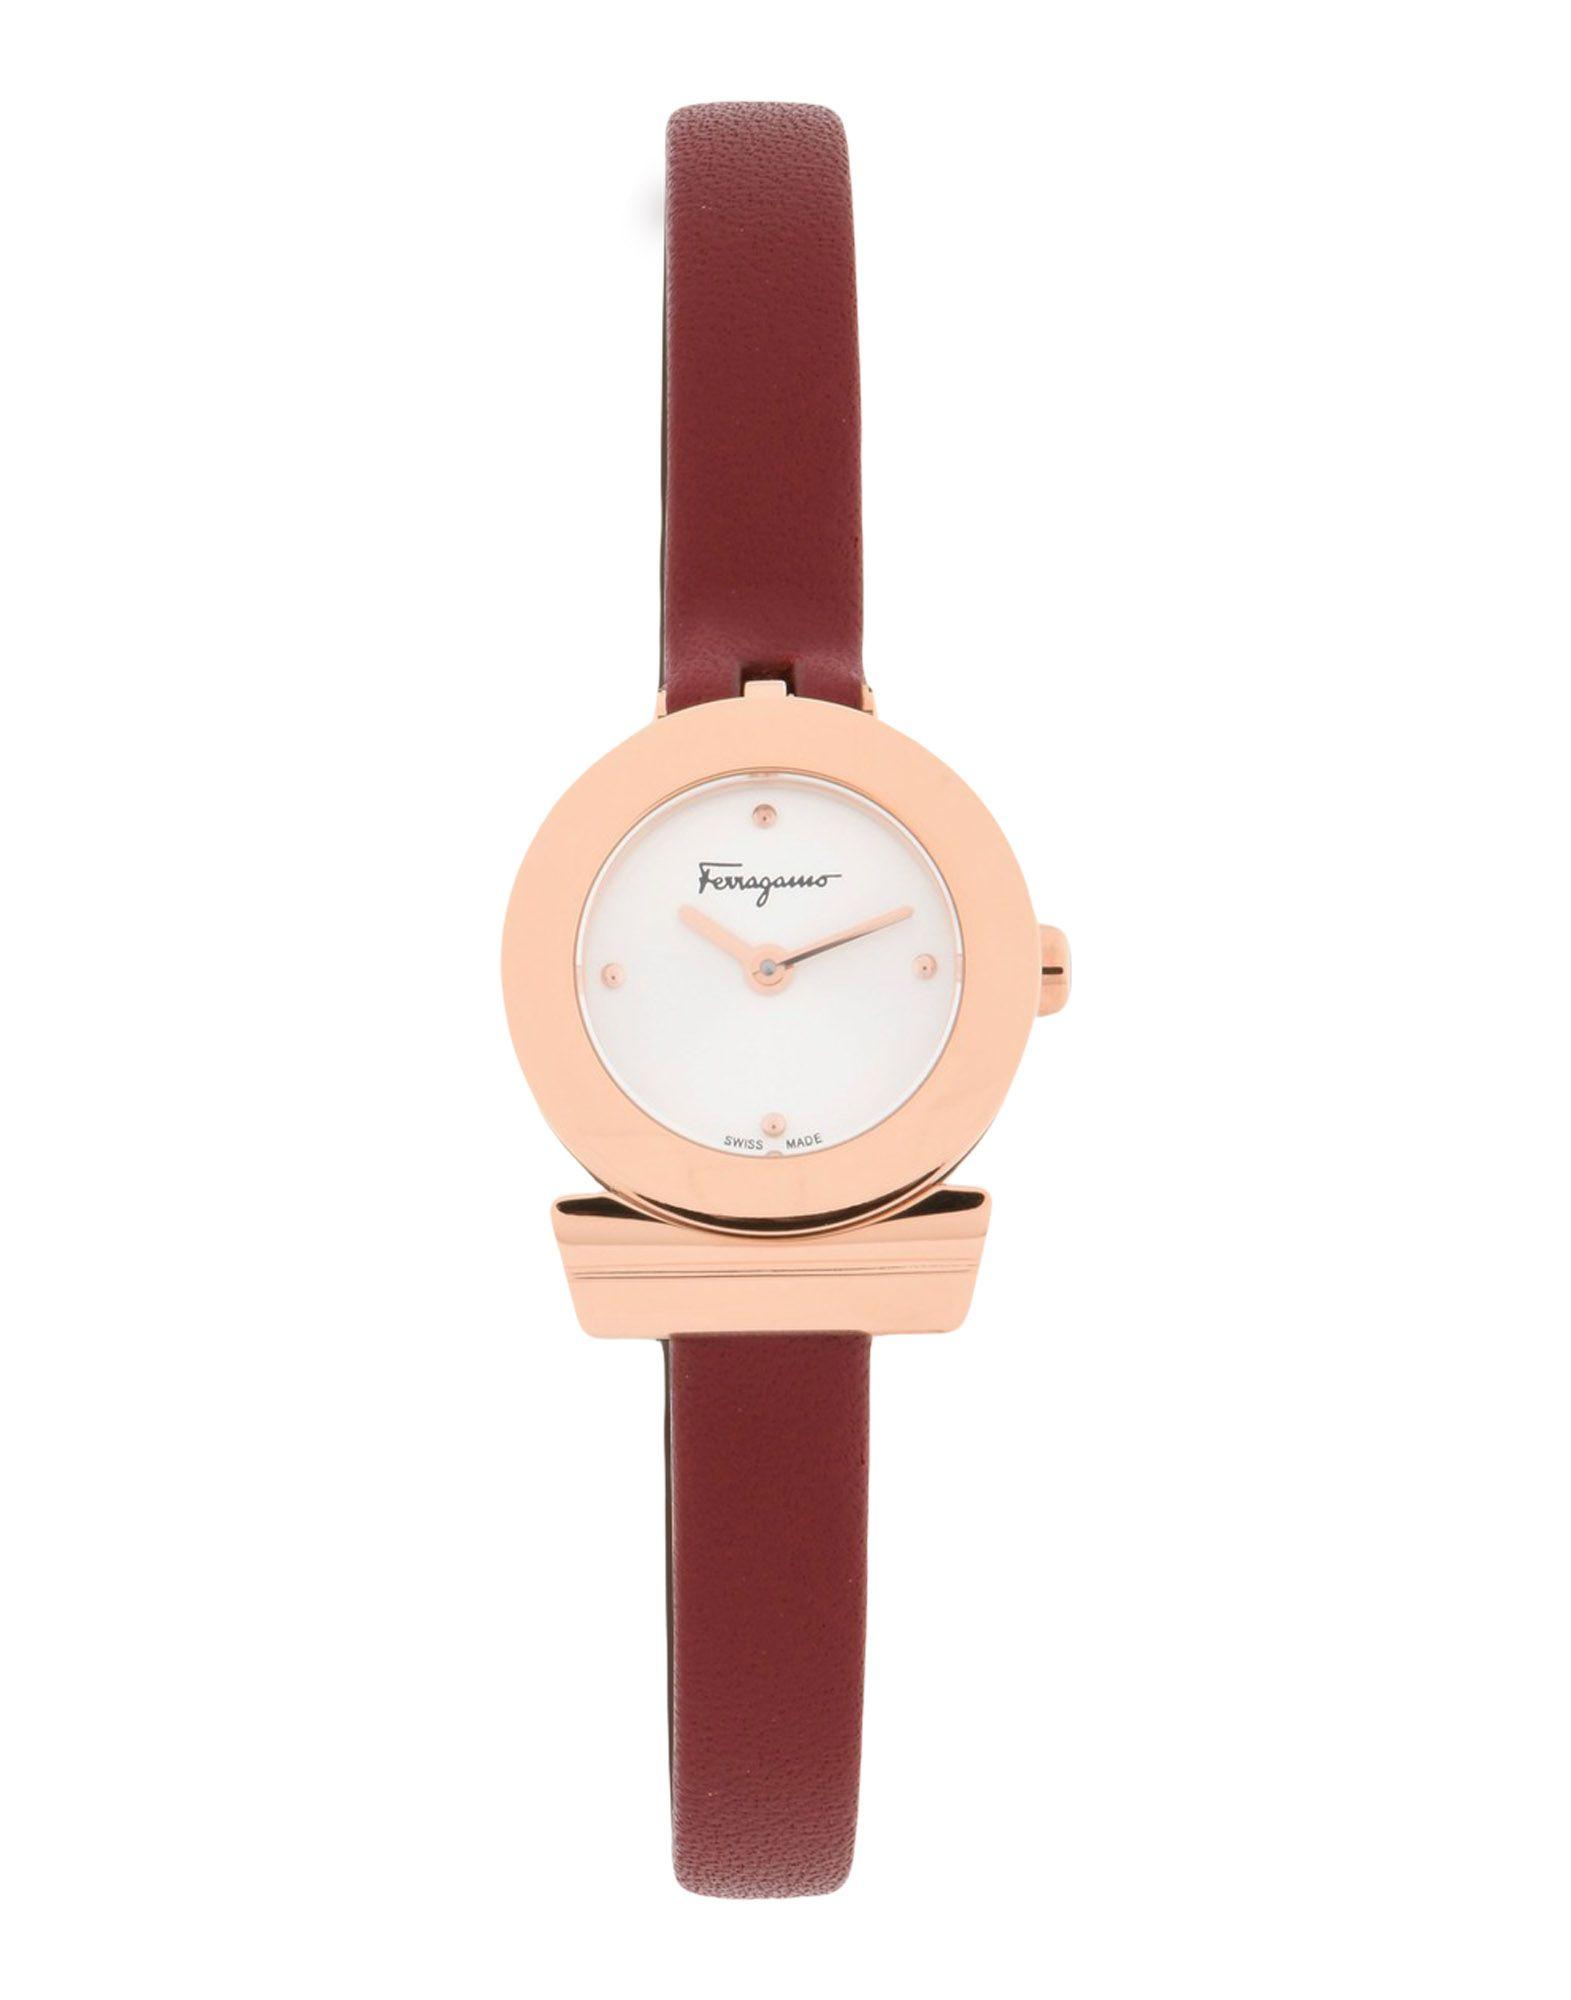 《送料無料》SALVATORE FERRAGAMO レディース 腕時計 レッド ステンレススチール / 革 GANCINO BRACELET